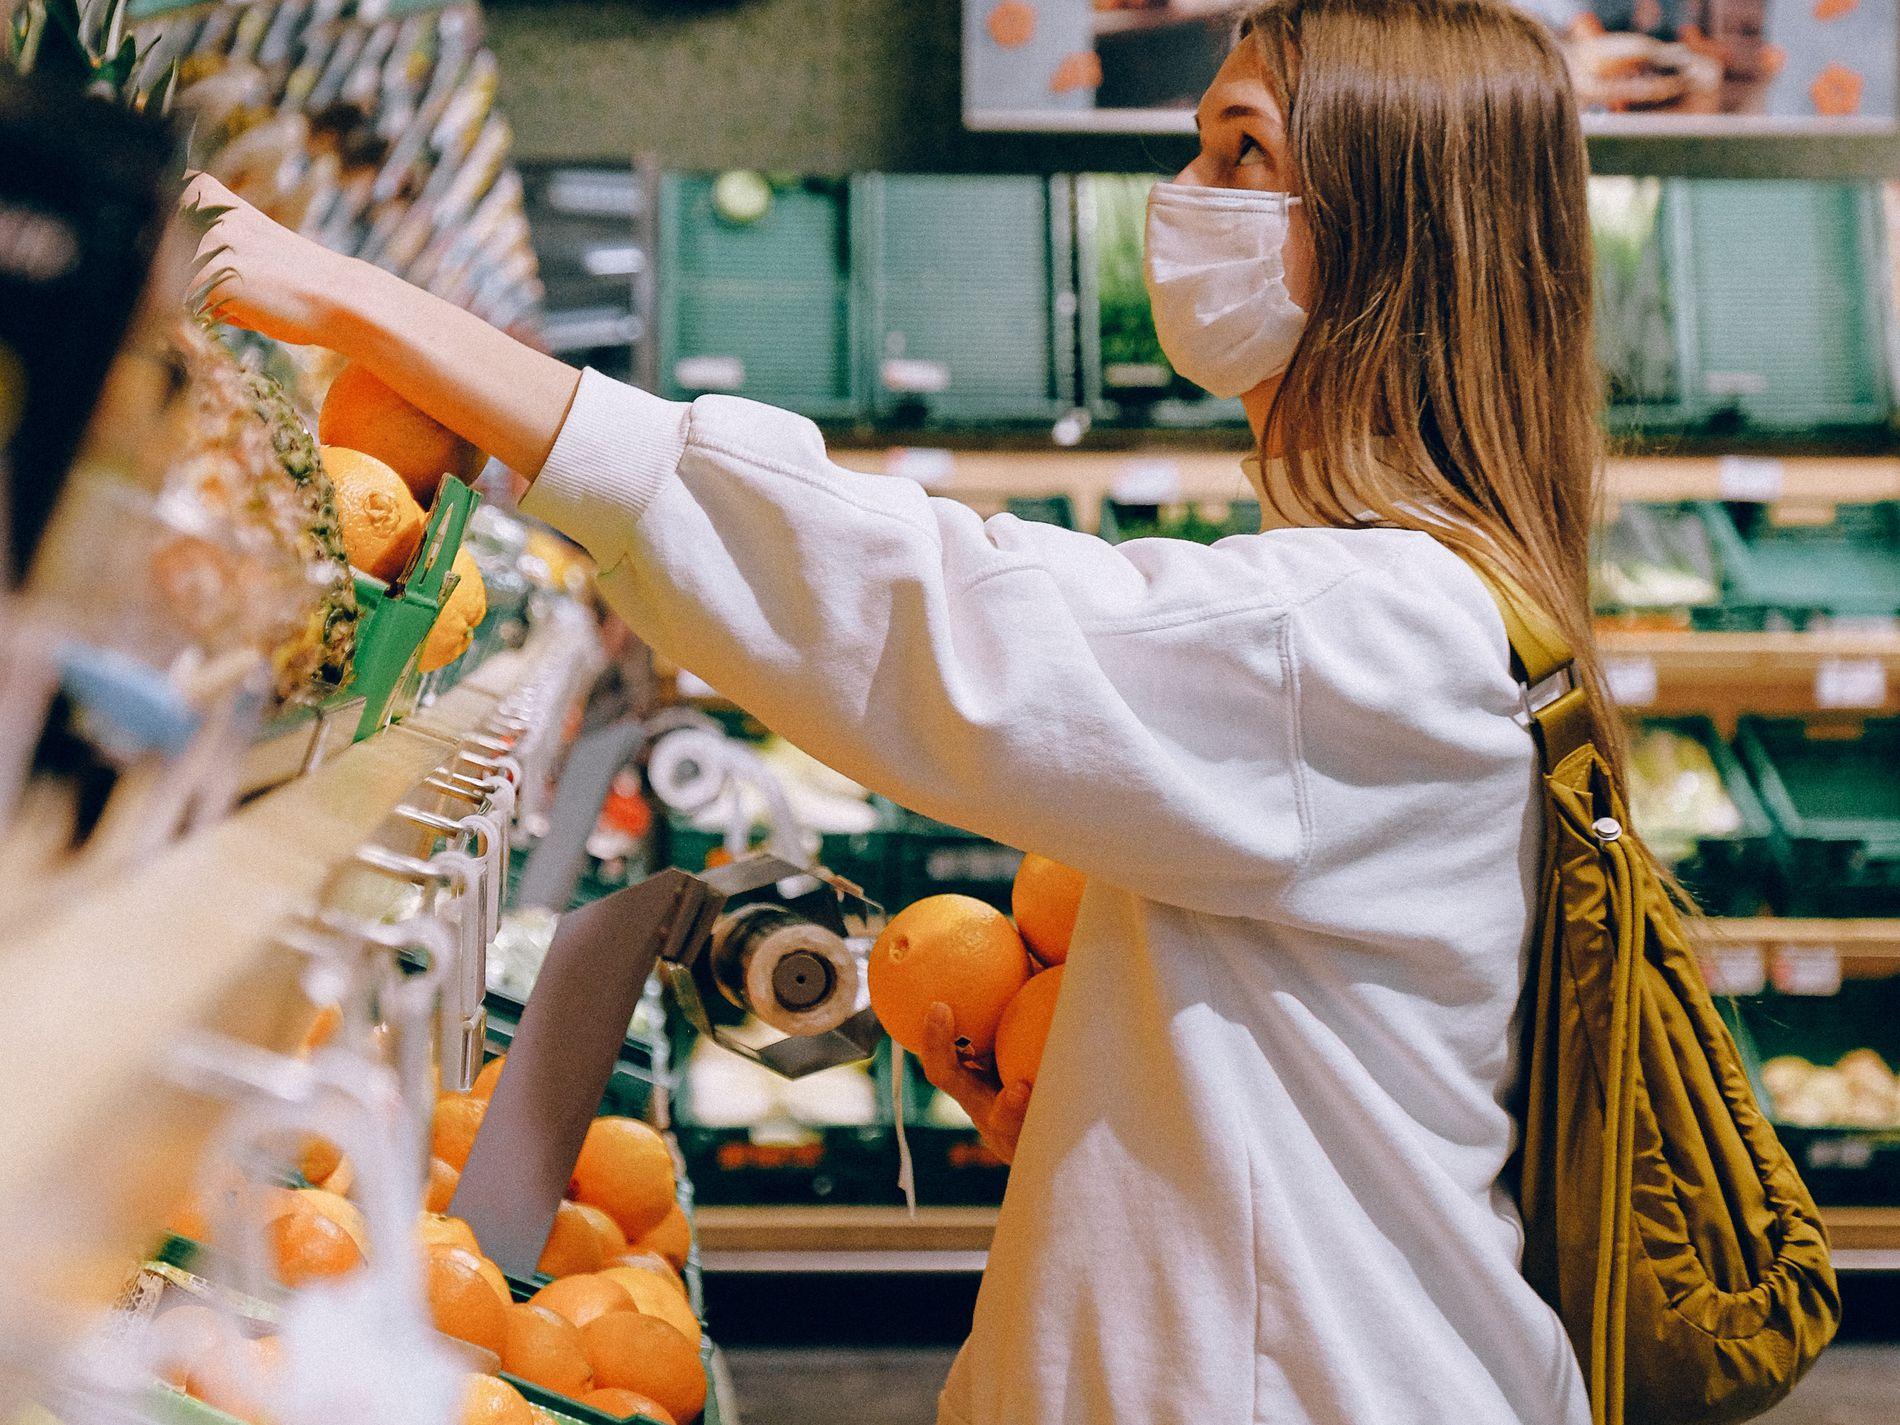 NSA07777 -- Vegetable Distribution